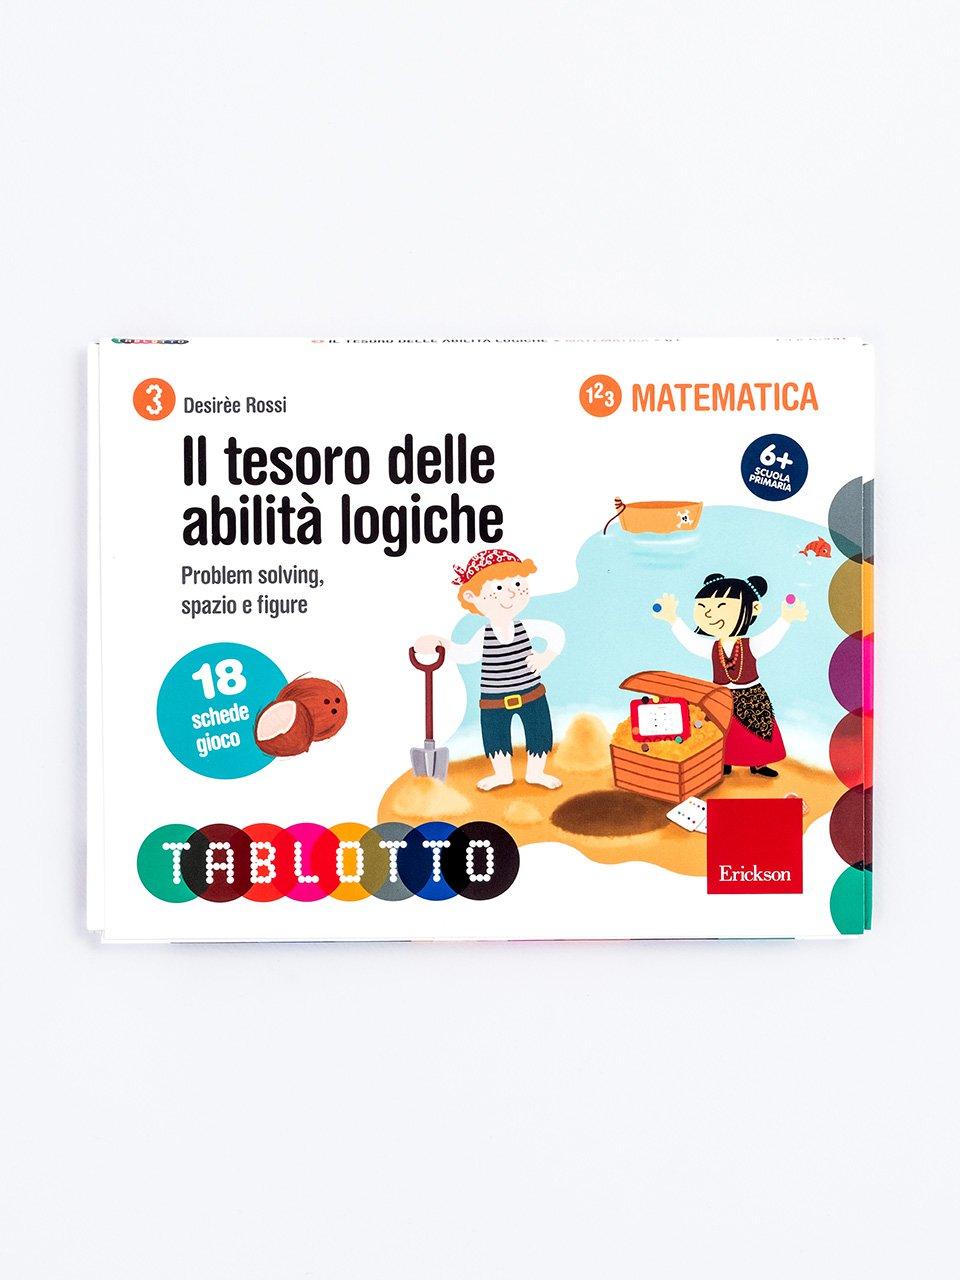 Schede per Tablotto (6-8 anni) - Il tesoro delle abilità logiche - Tablotto (6-8 anni) - Giochi - Erickson